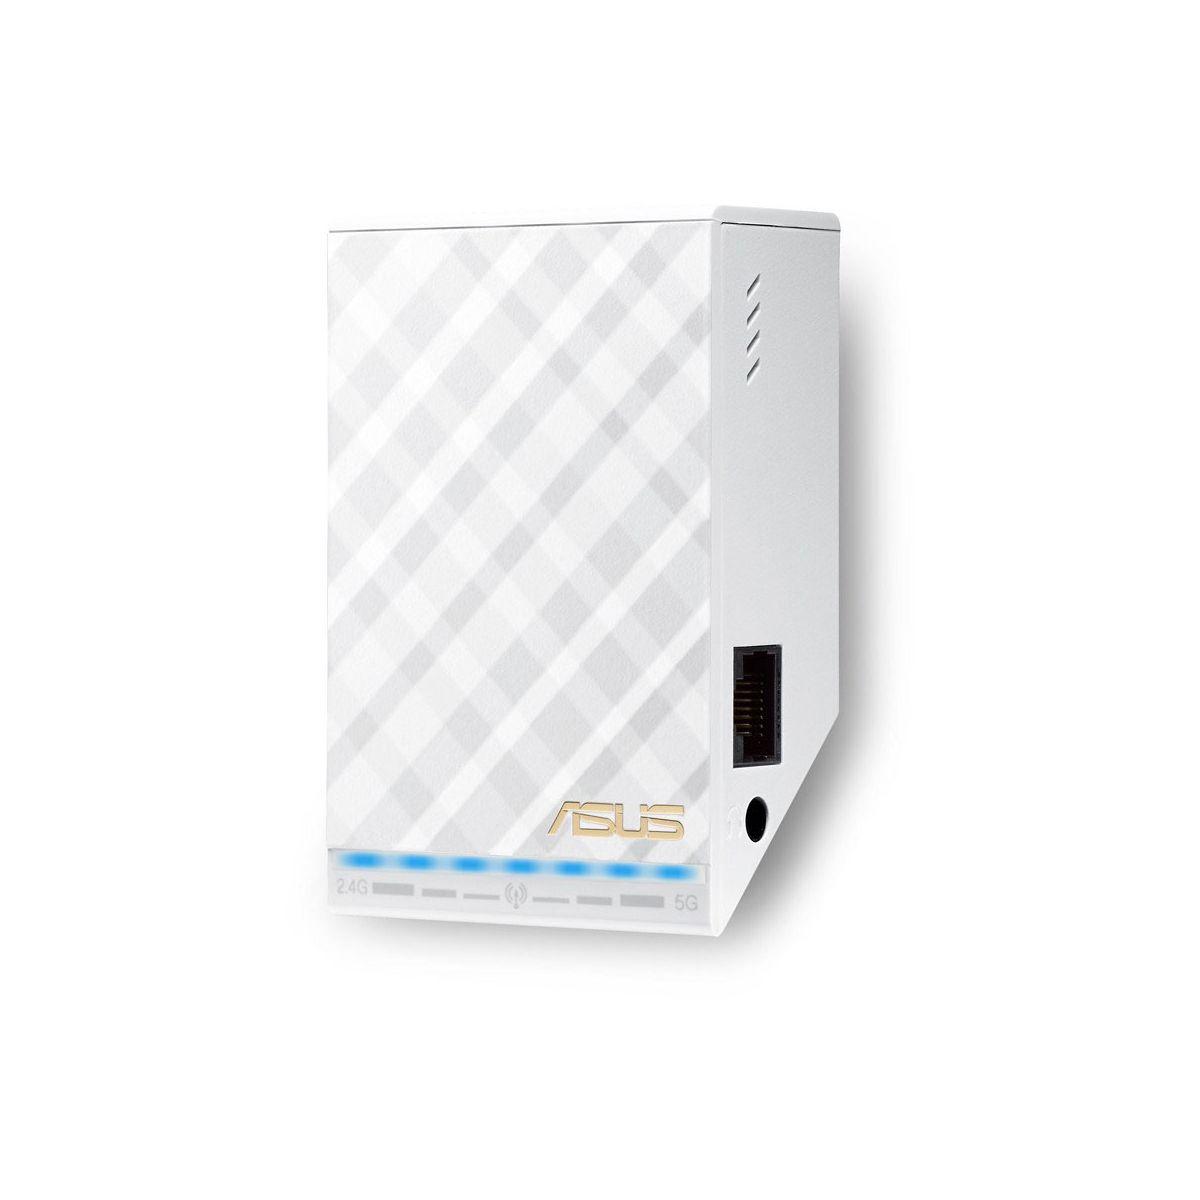 Répéteur Wifi ASUS Double bande AC750